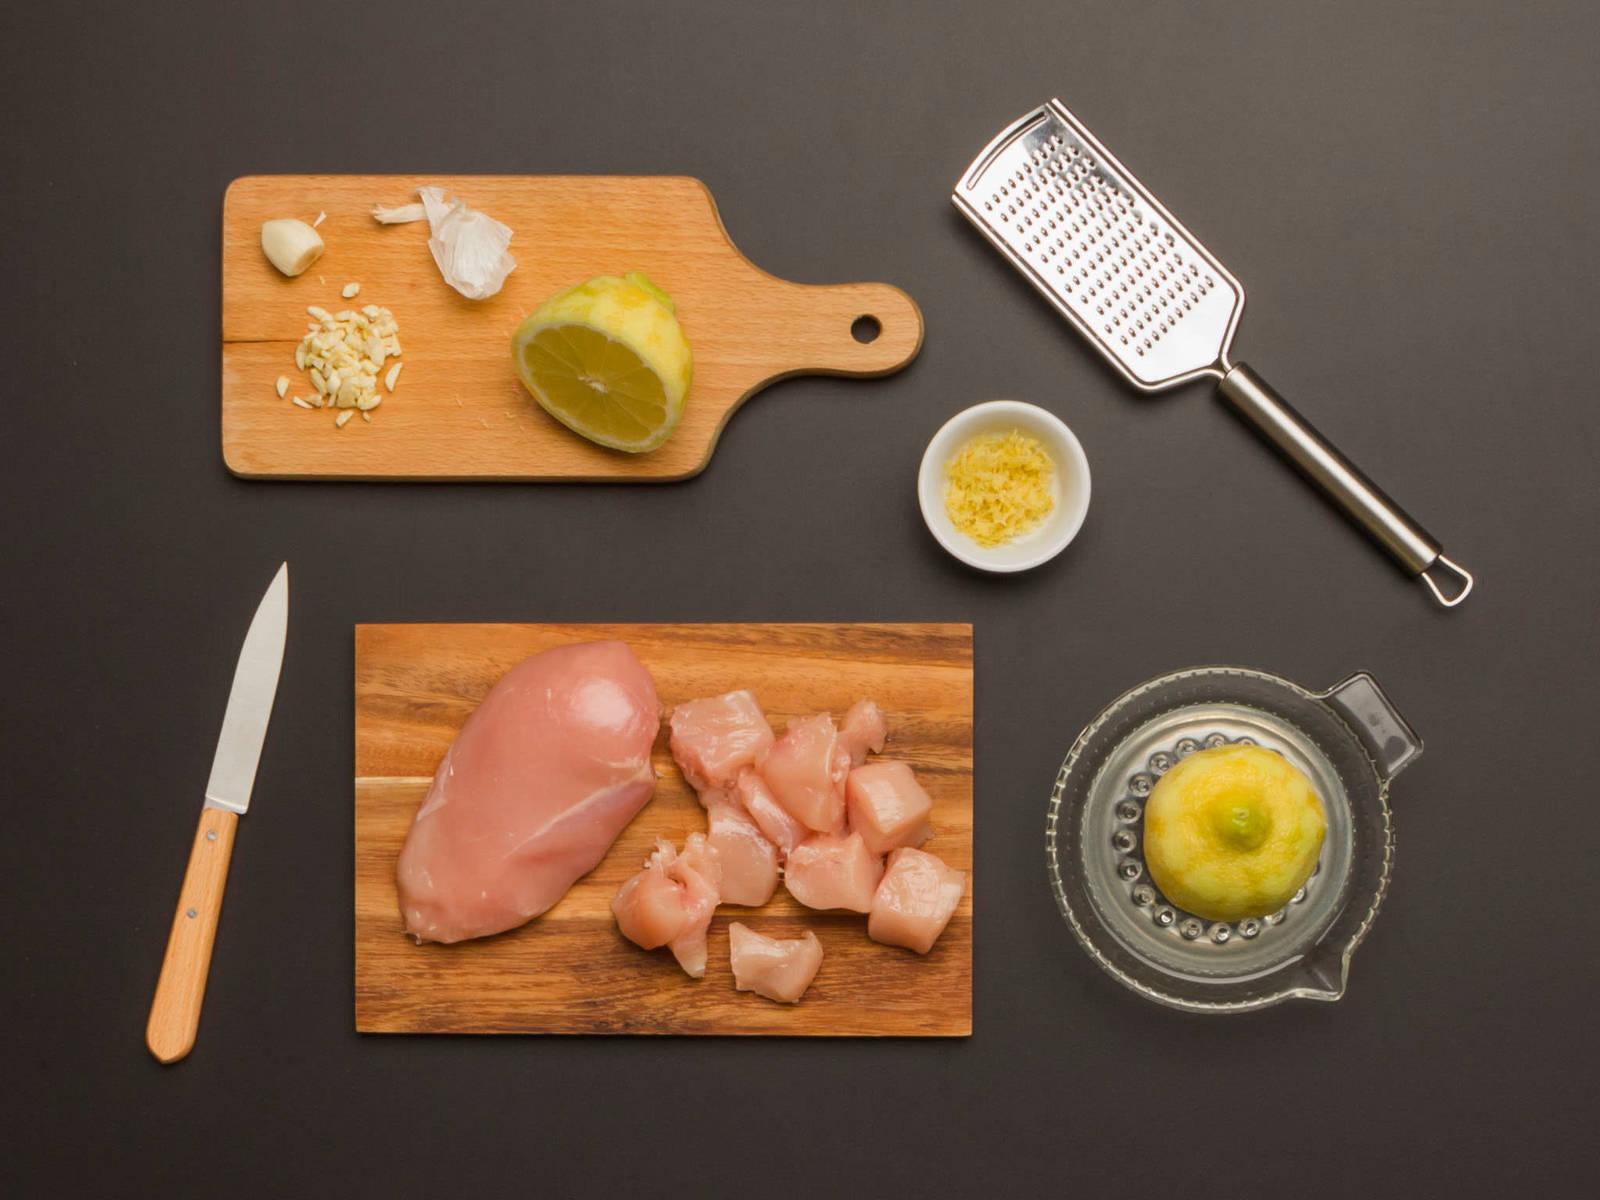 Backofen auf 200°C vorheizen. Knoblauch schälen und fein hacken. Ingwer reiben. Zitrone mit der Reibe abreiben und entsaften. Hähnchenbrüste waschen, abtupfen und in mundgerechte Stücke schneiden.